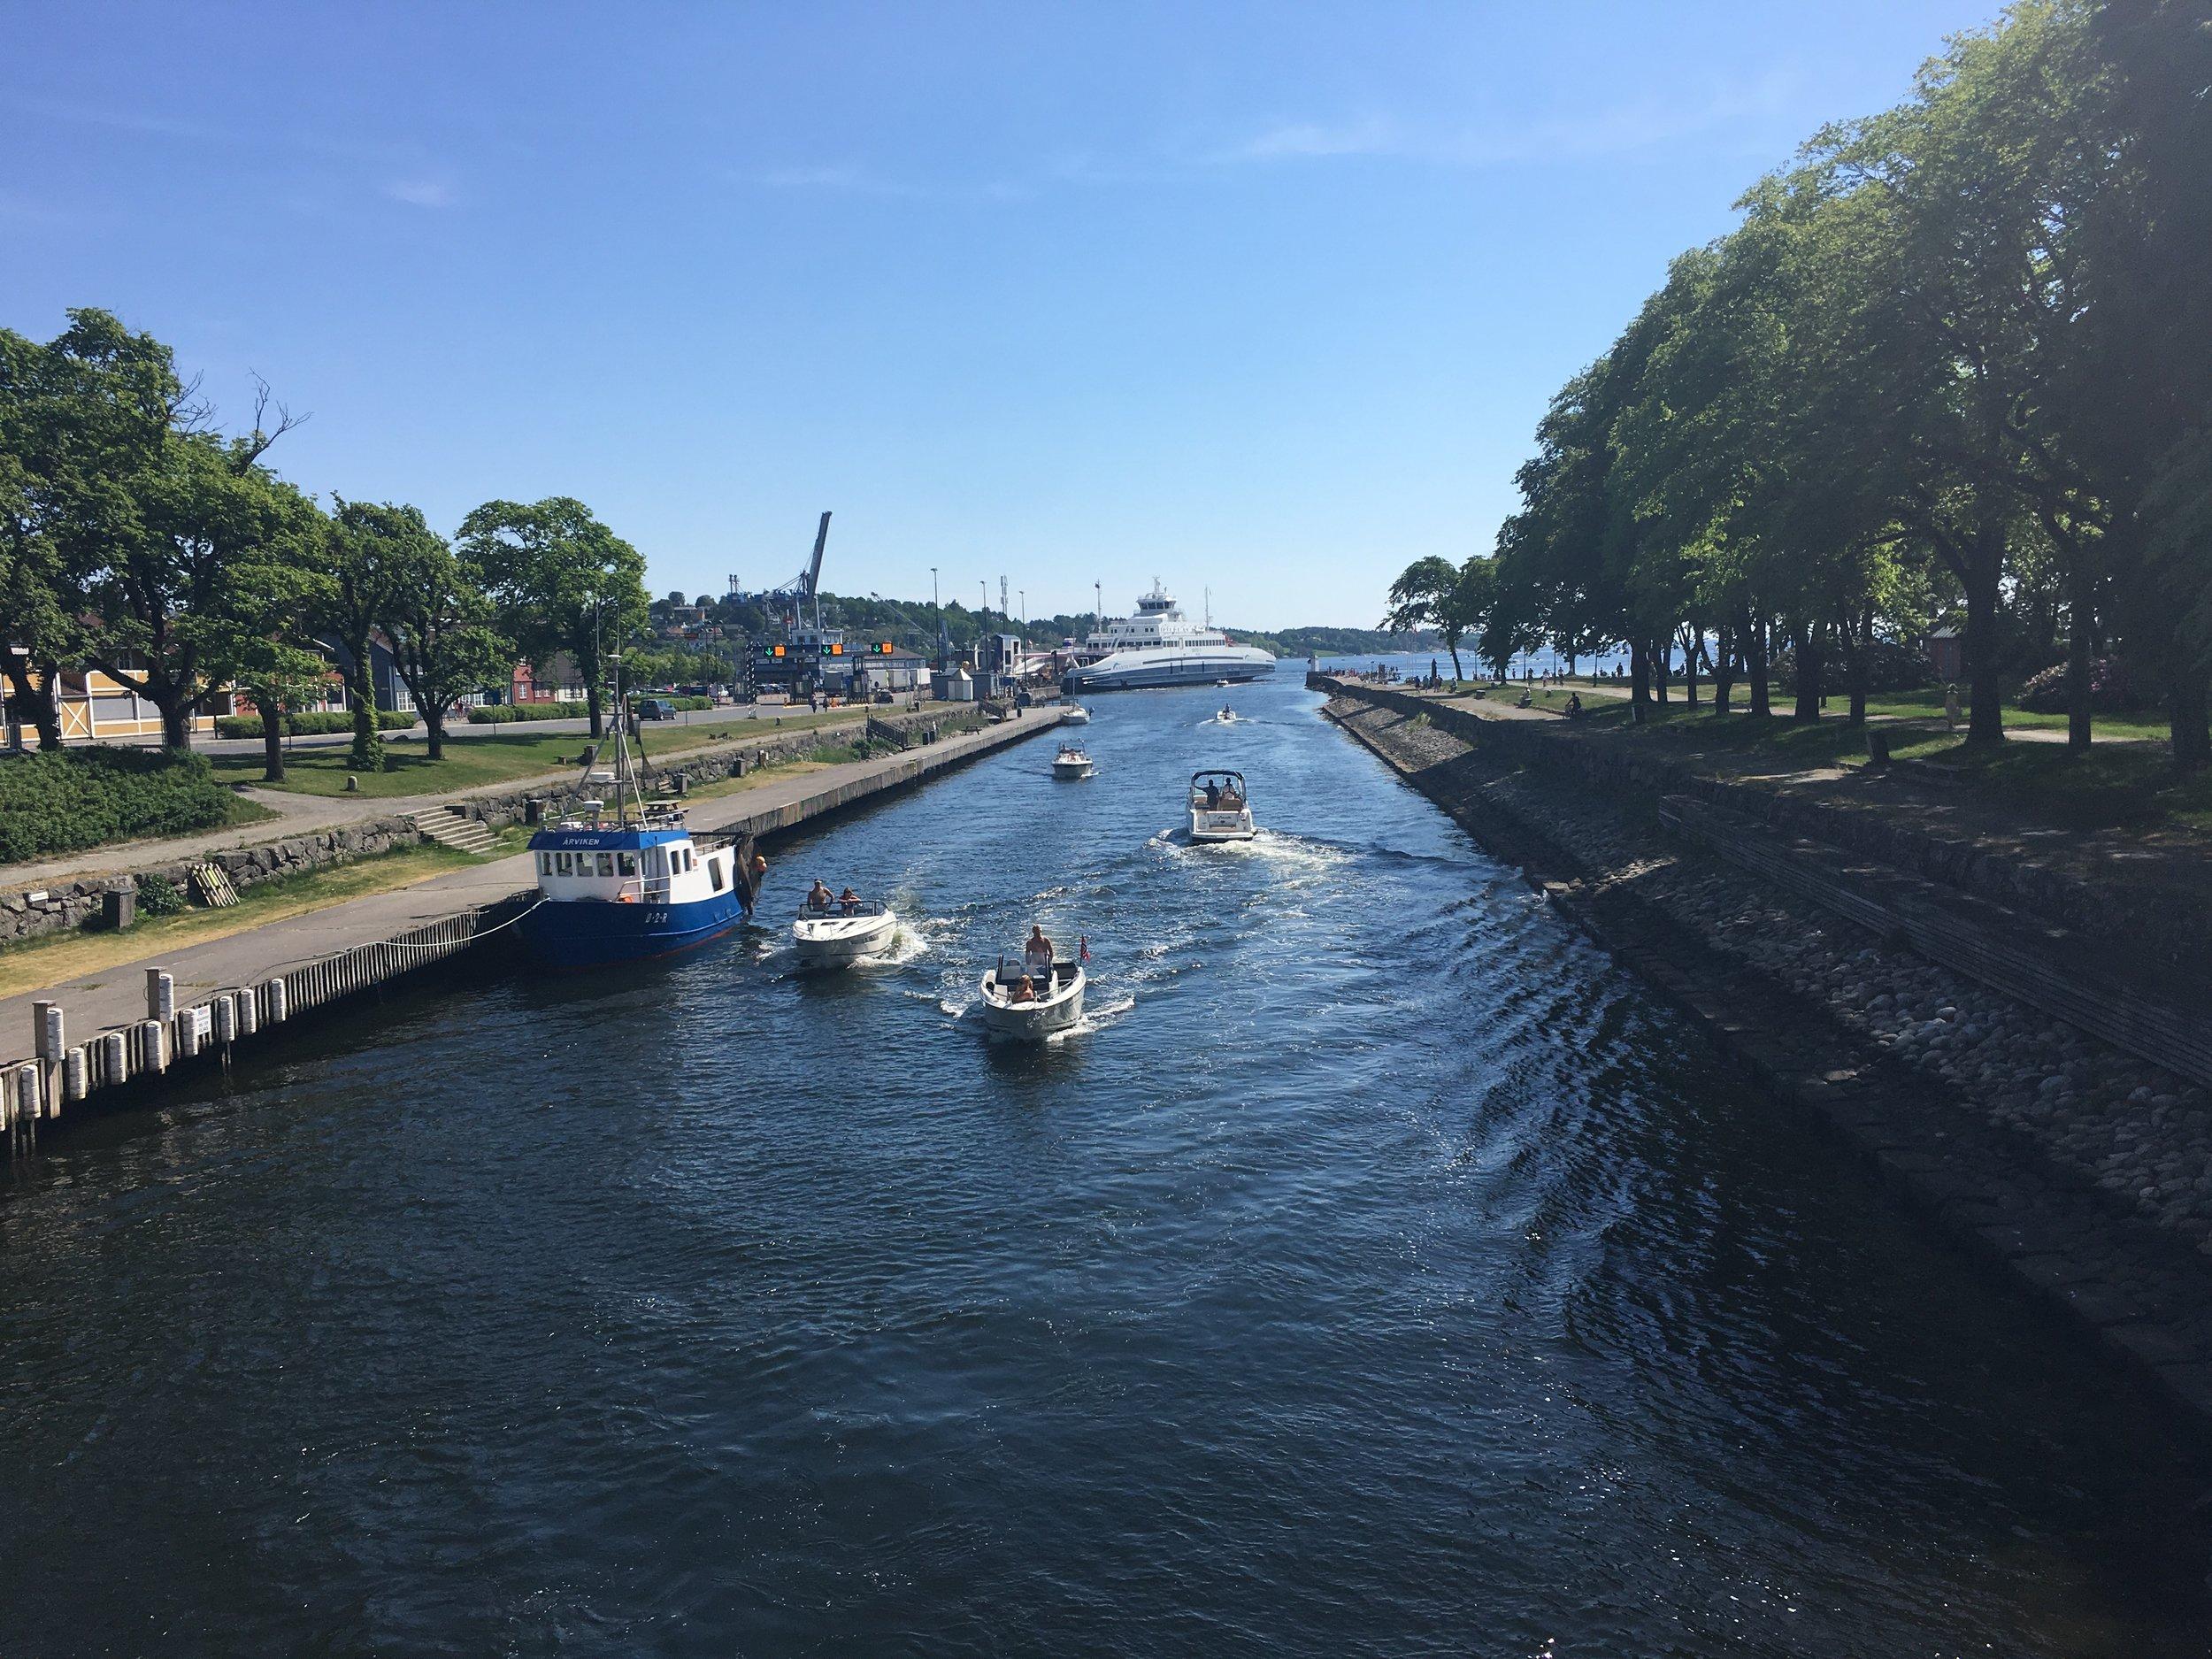 Kanalen i Moss mai 2018